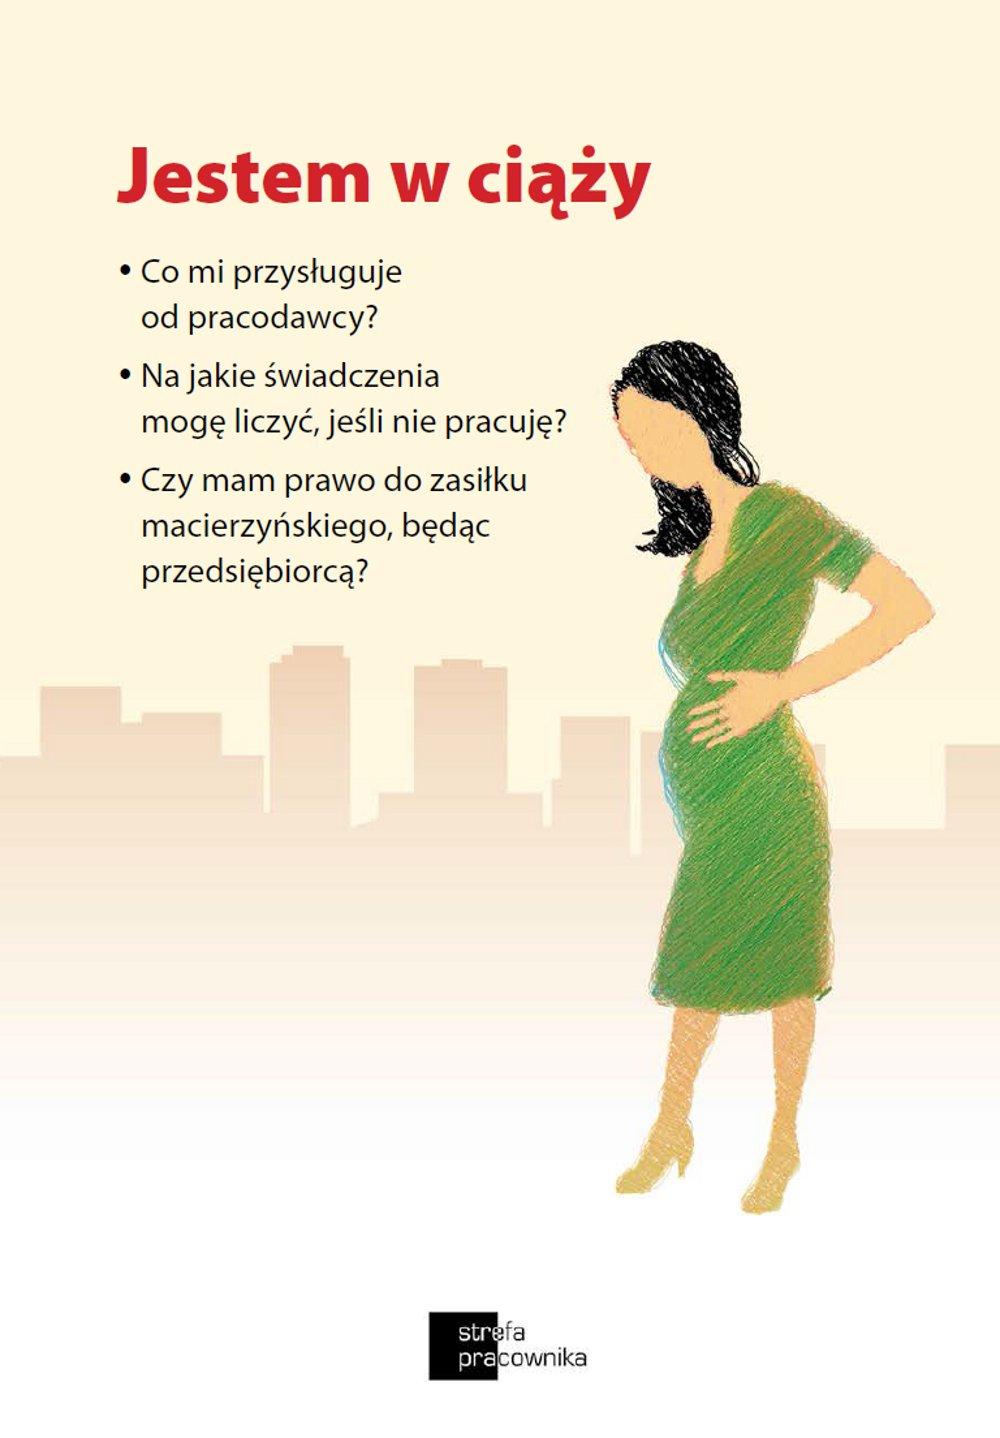 Jestem w ciąży. Co mi przysługuje od pracodawcy? Na jakie świadczenia mogę liczyć, jeśli nie pracuję? Czy mam prawo do zasiłku macierzyńskiego, będąc przedsiębiorcą? - Ebook (Książka EPUB) do pobrania w formacie EPUB